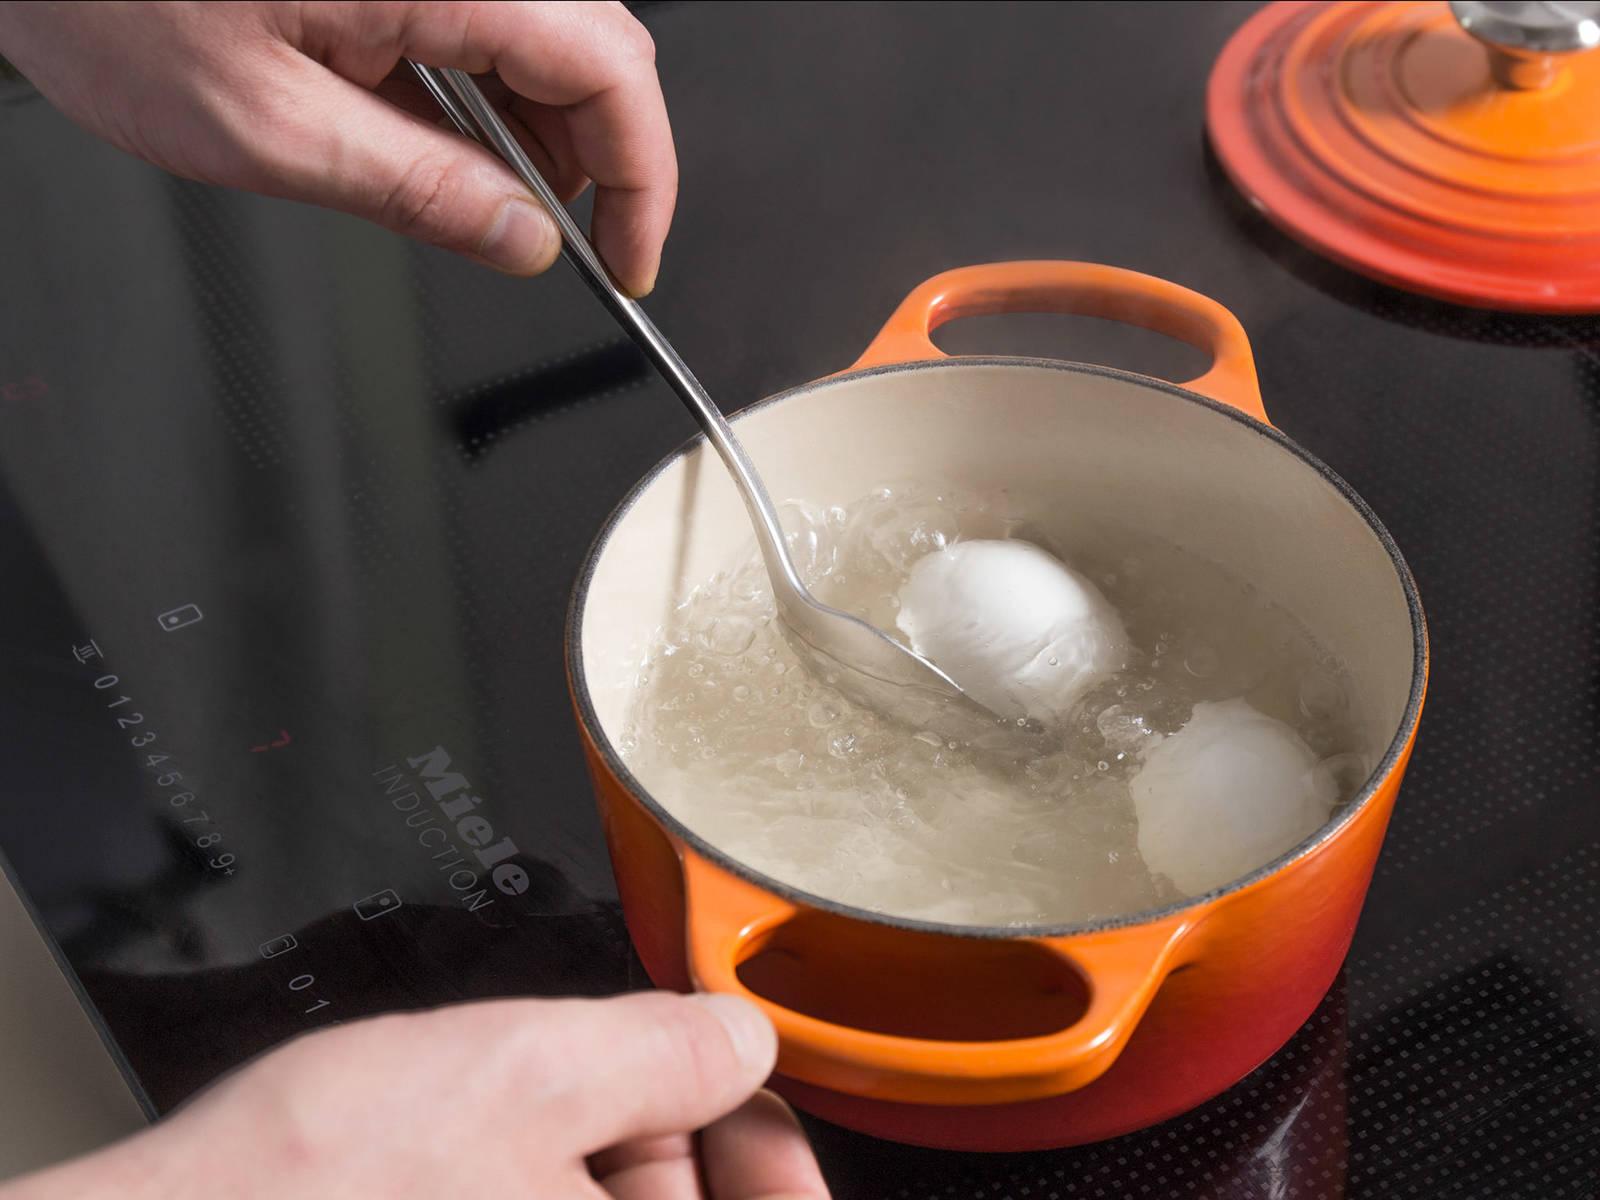 Einige der Eier in kochendem Wasser ca. 10 Min. hart kochen, abschrecken, schälen und mit einer Gabel fein zerdrücken.